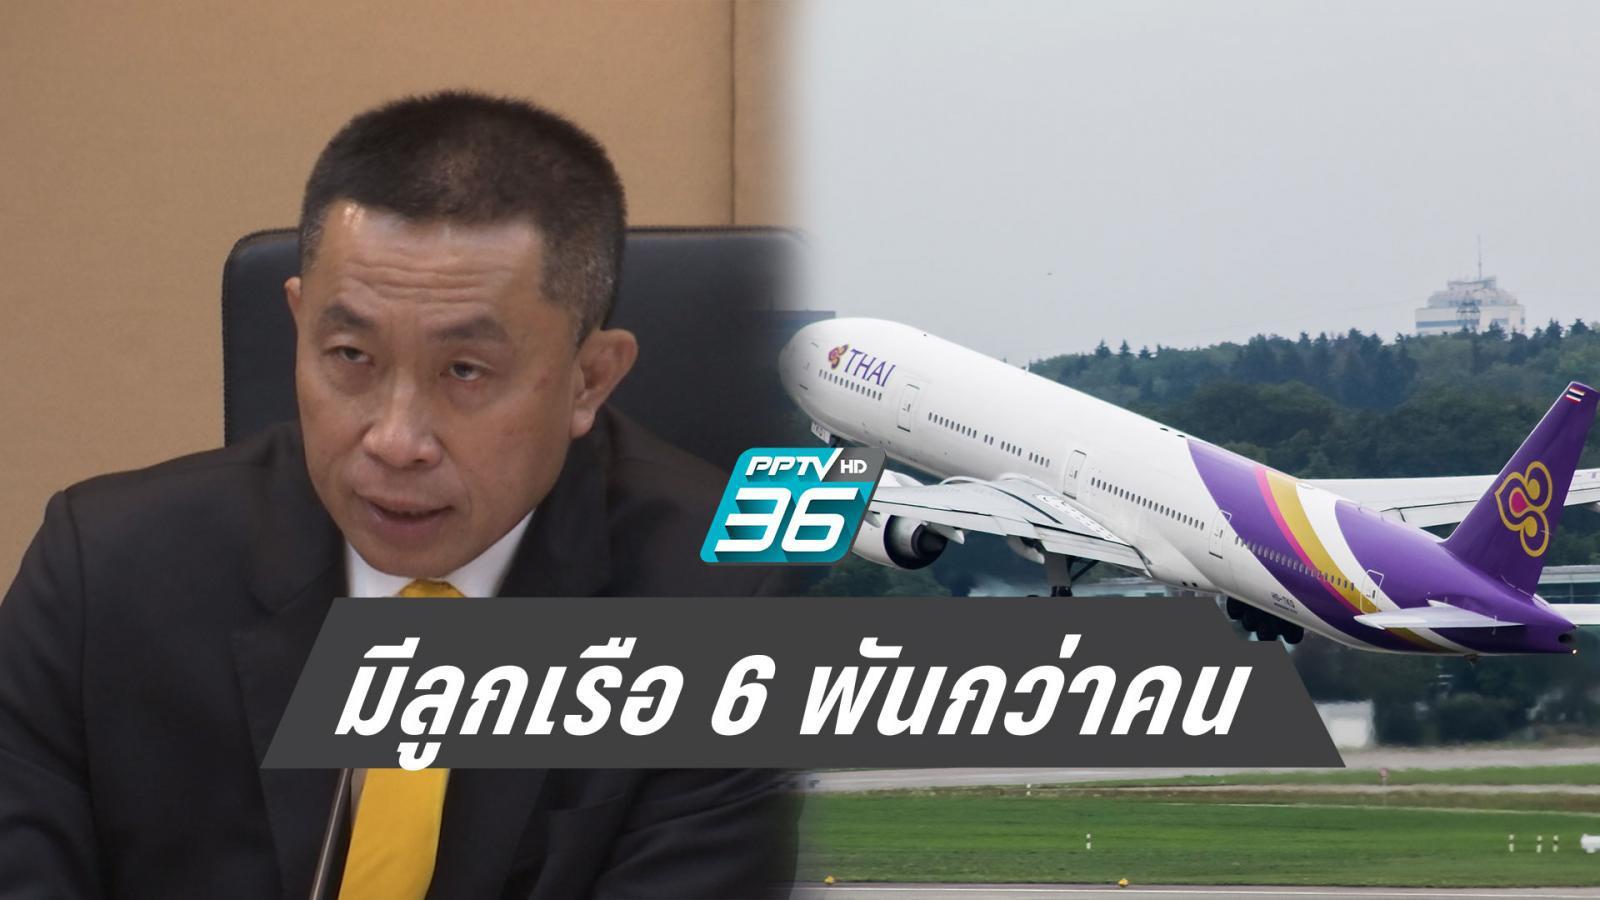 """การบินไทย เลื่อนรับสมัครลูกเรือเพิ่ม หลัง """"ศักดิ์สยาม"""" ติงมีมากเกินจำนวนเครื่องบิน"""